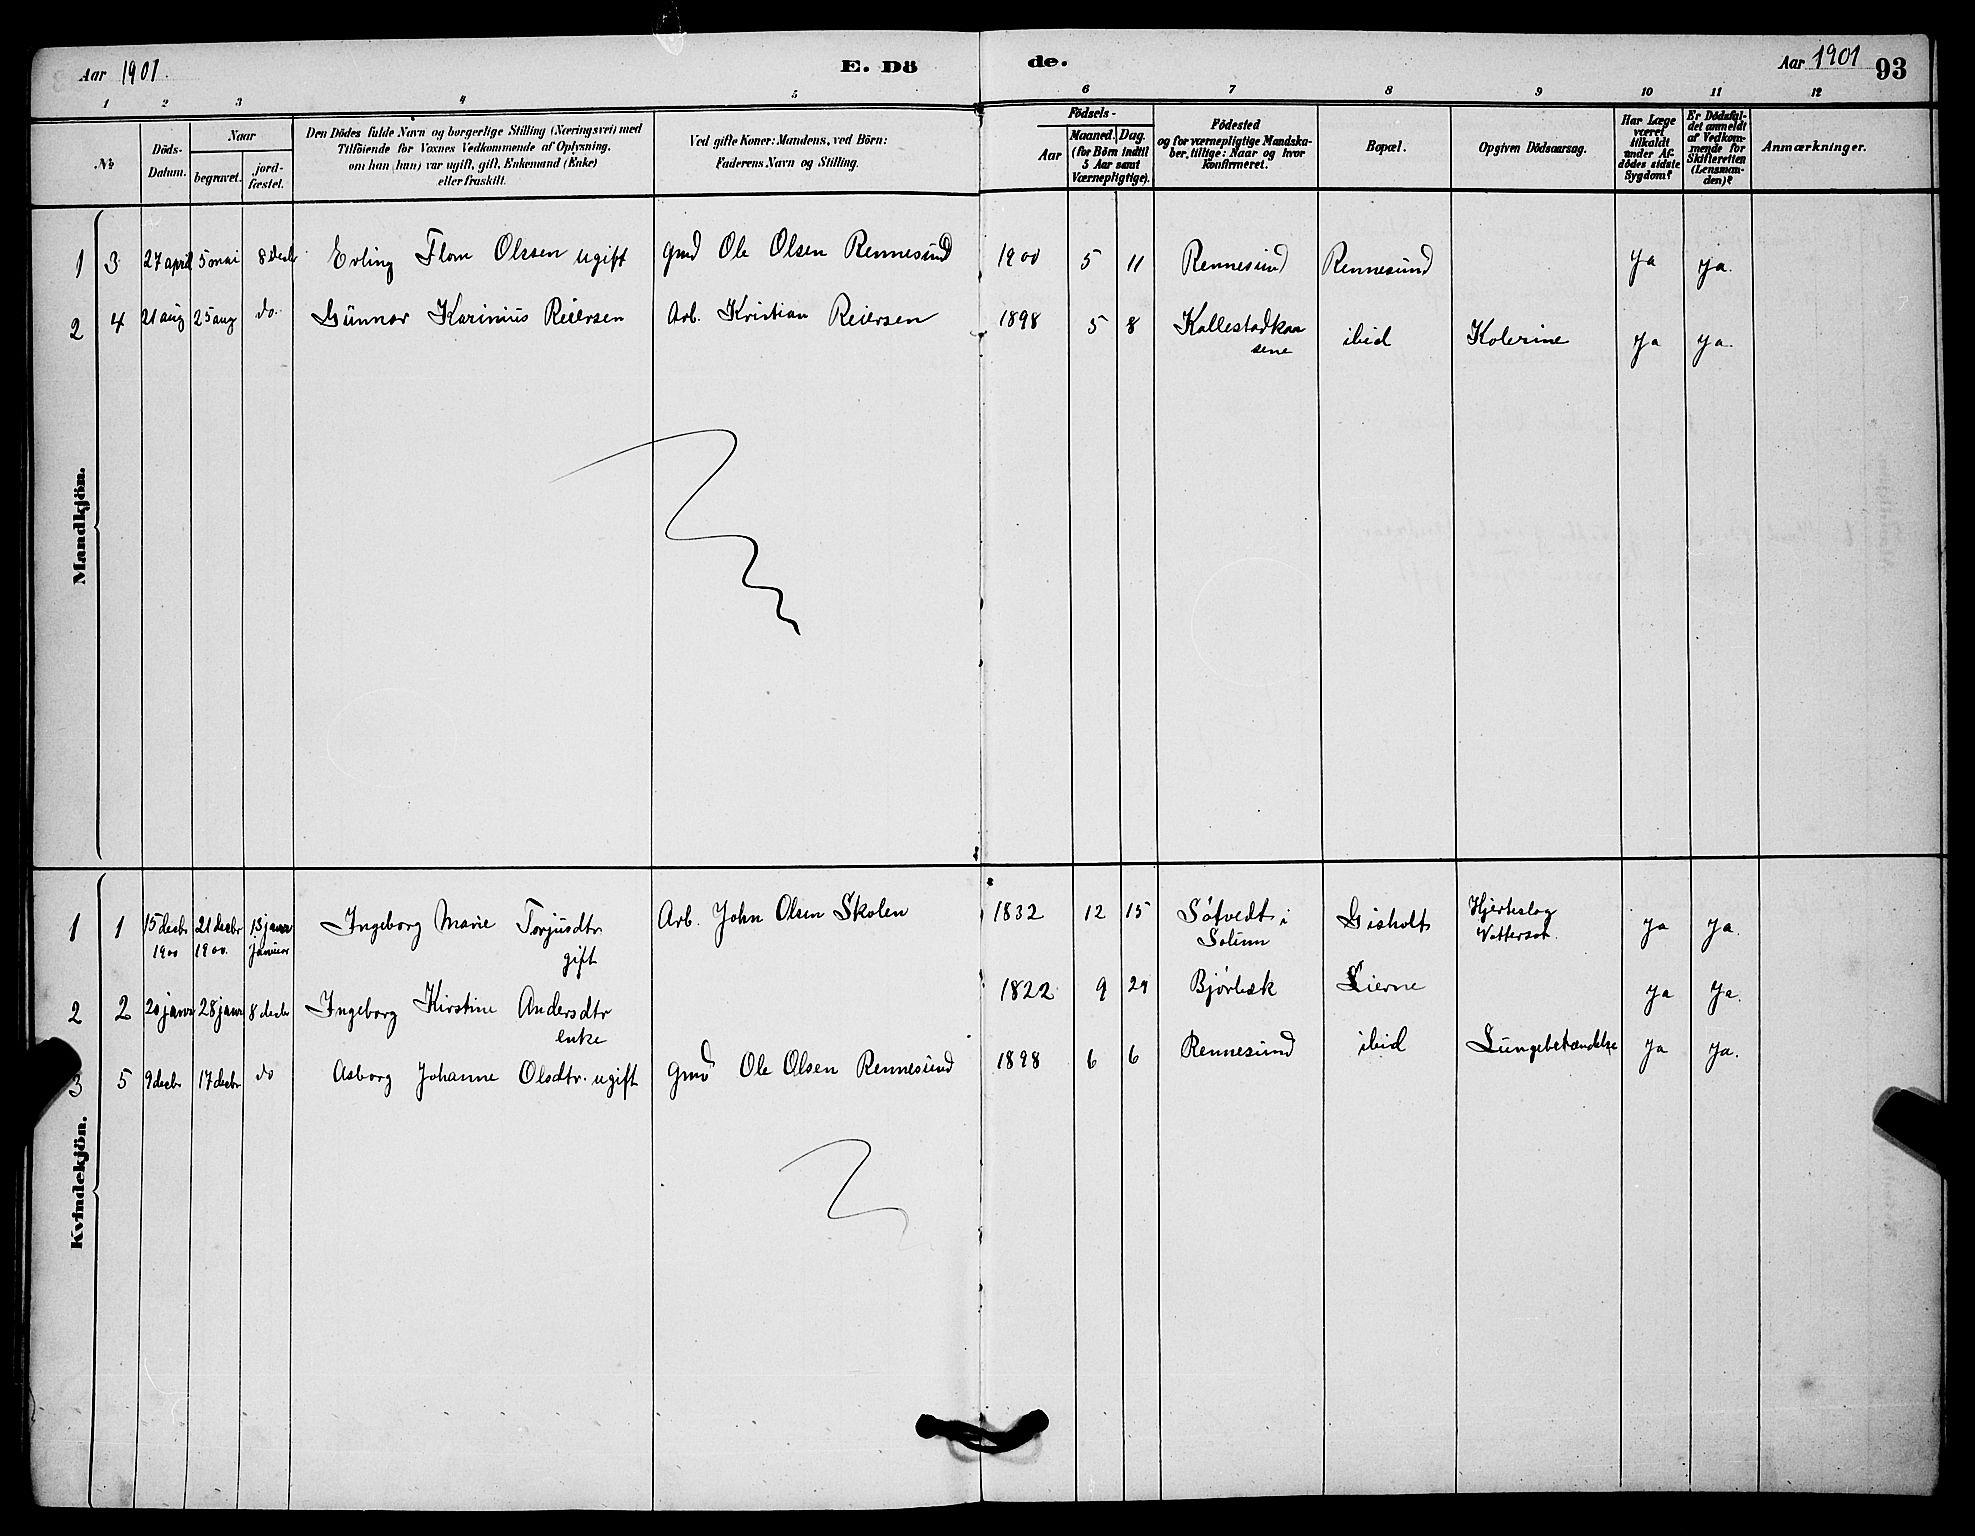 SAKO, Solum kirkebøker, G/Gc/L0001: Klokkerbok nr. III 1, 1880-1902, s. 93